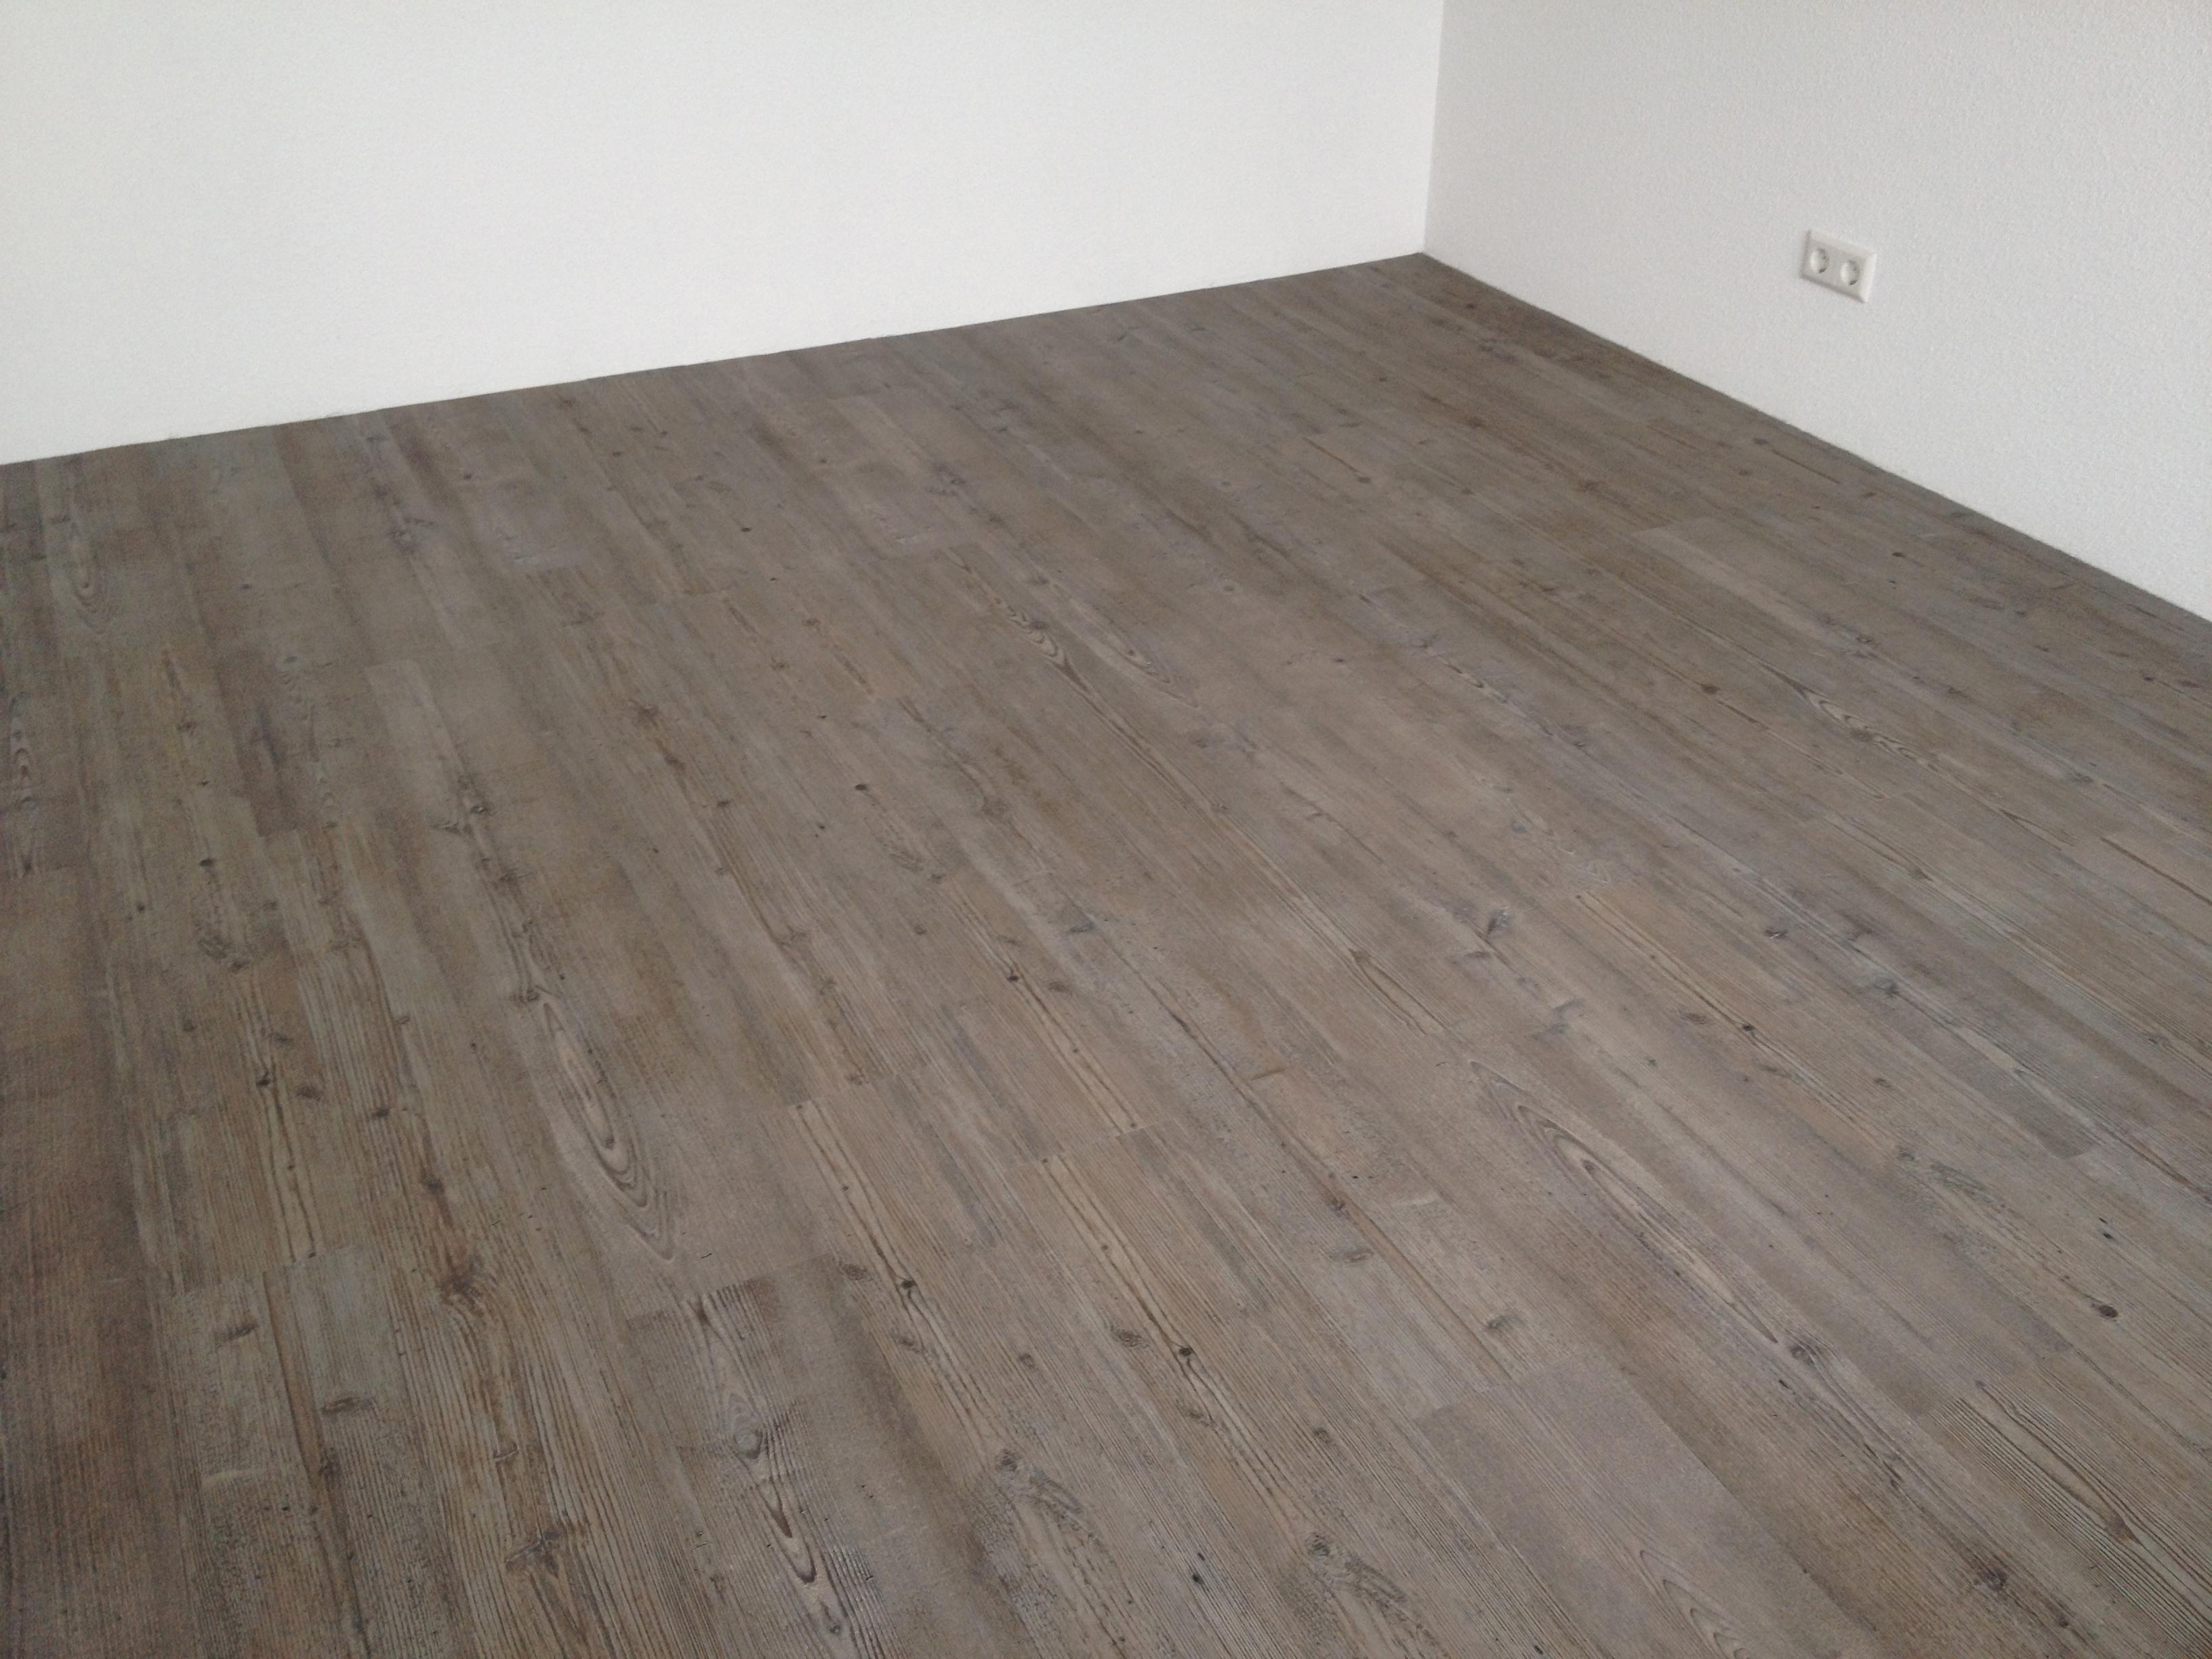 Pvc Vloer Slaapkamer : Pvc vloeren nadelen u2014 interiorinsider.nl